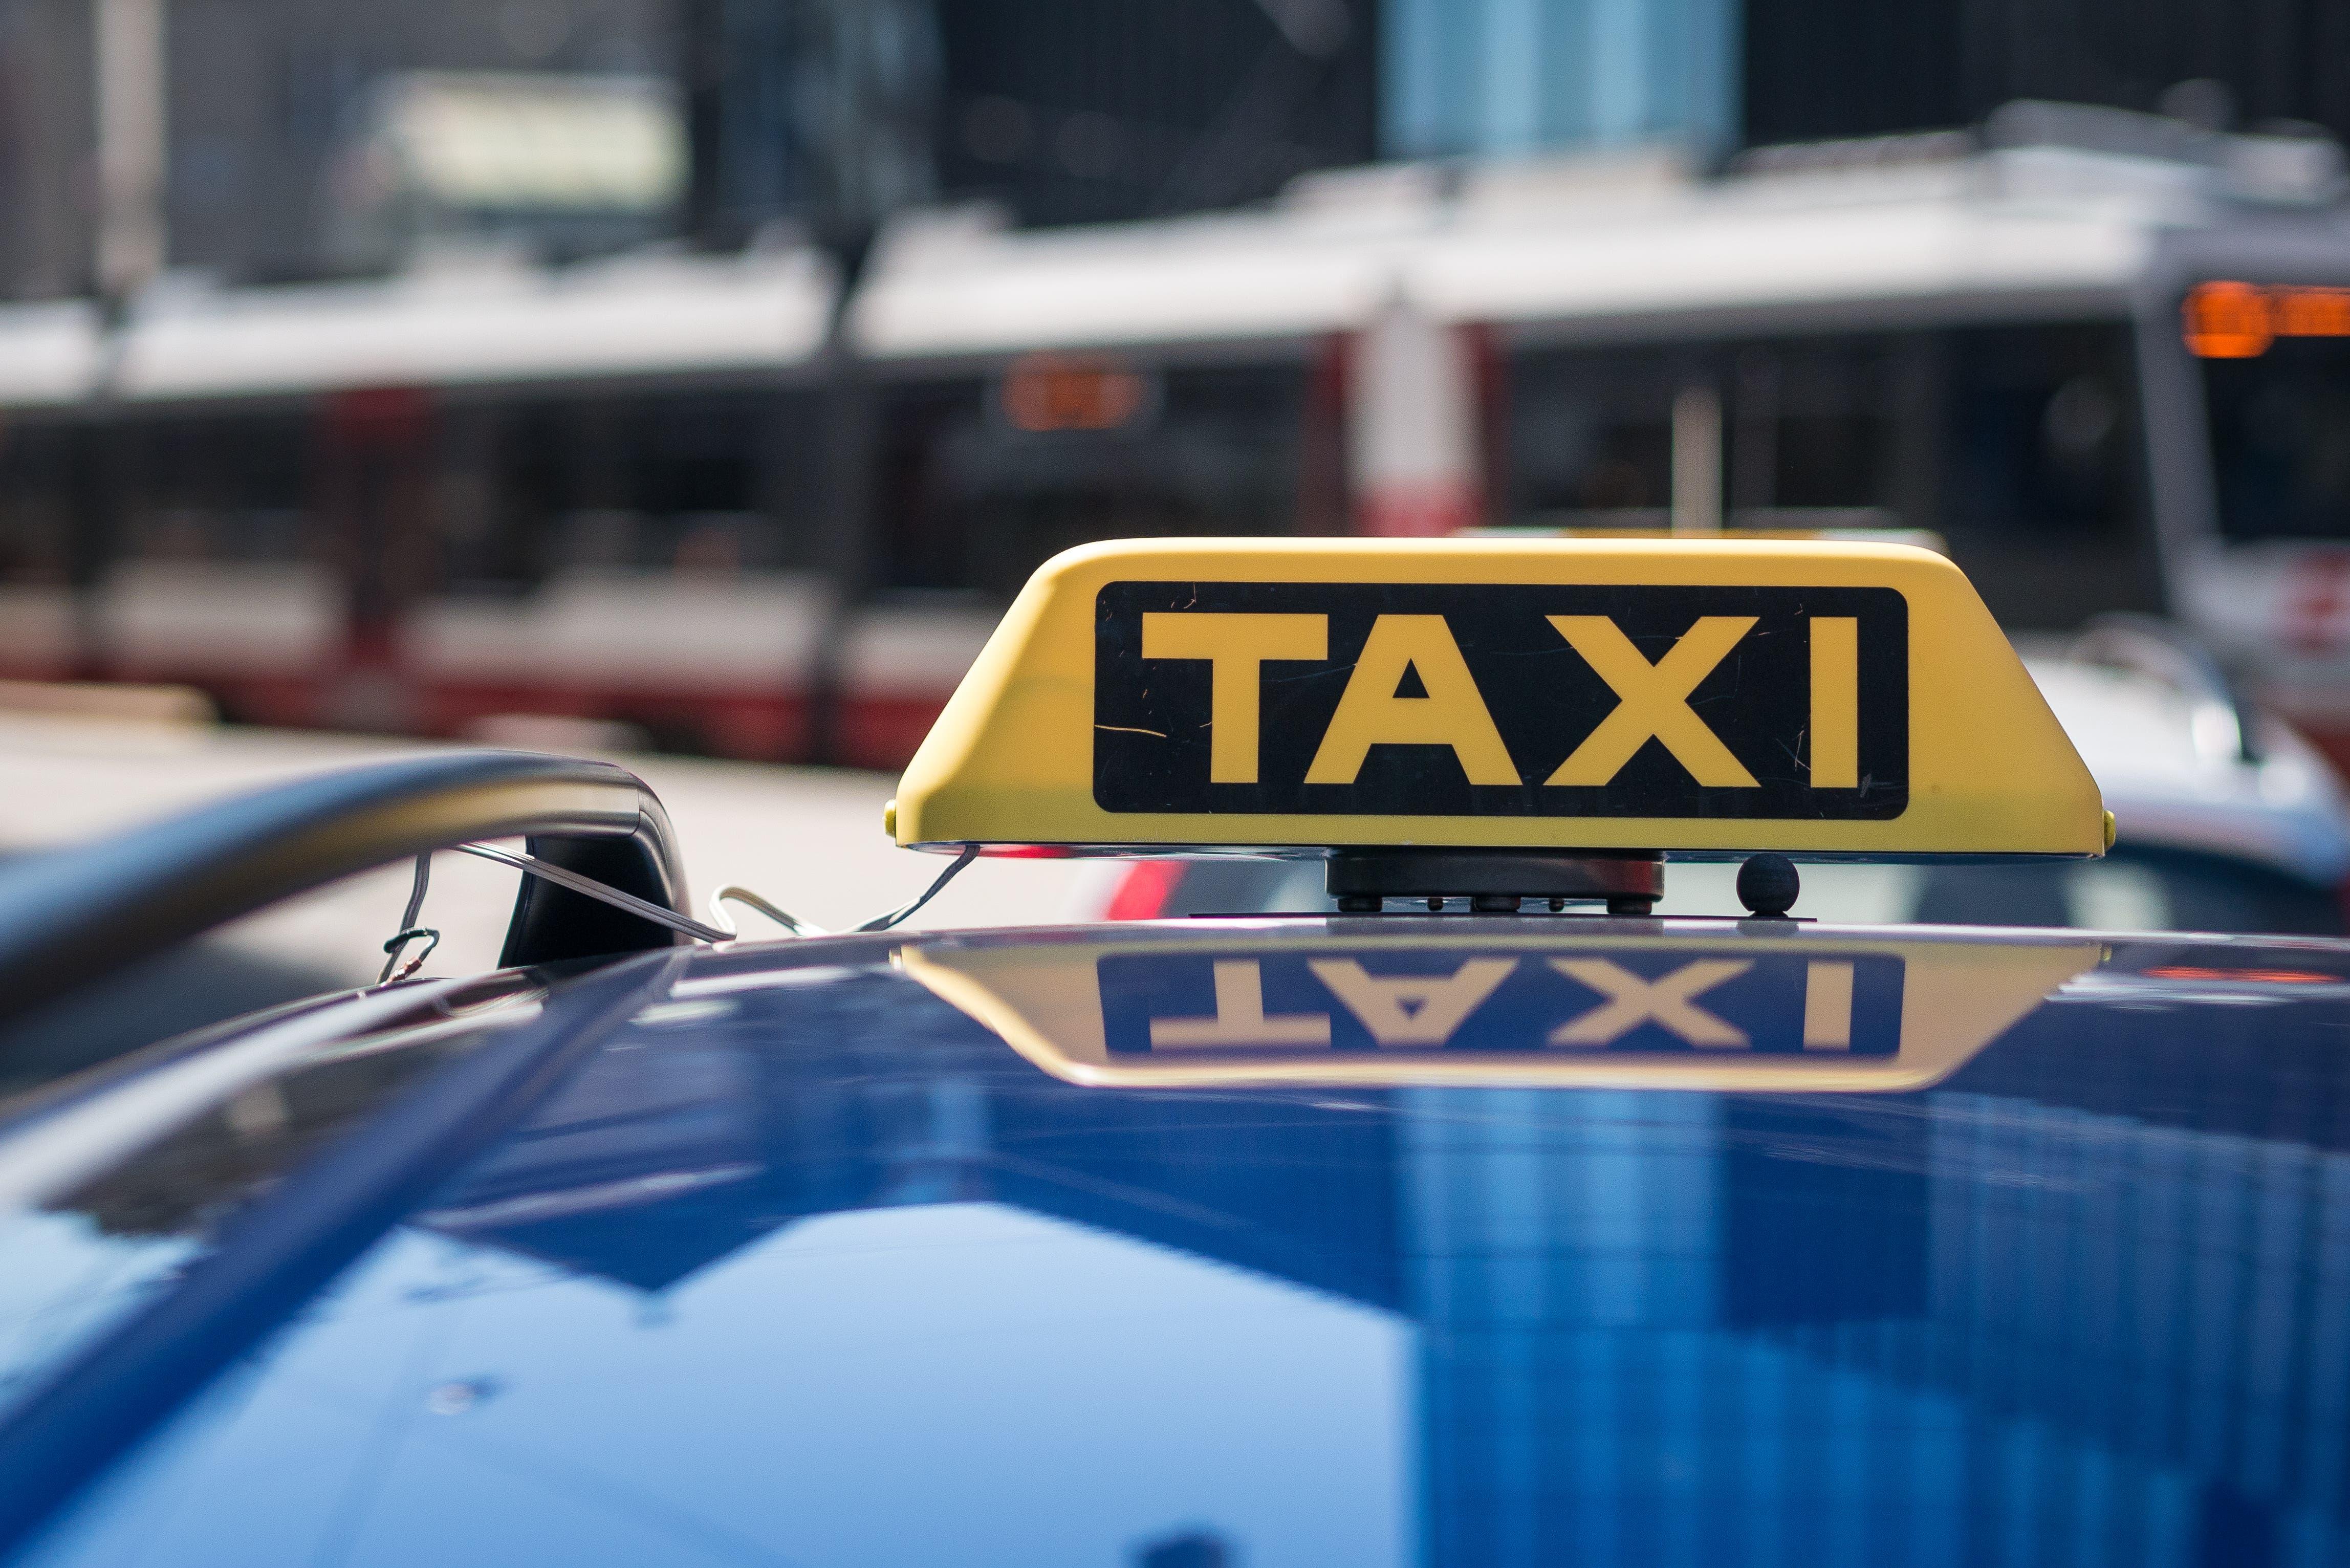 Stadt St.Gallen will das Taxireglement überarbeiten – und dabei auch die Anliegen von Fahrdiensten wie Uber berücksichtigen | St.Galler Tagblatt